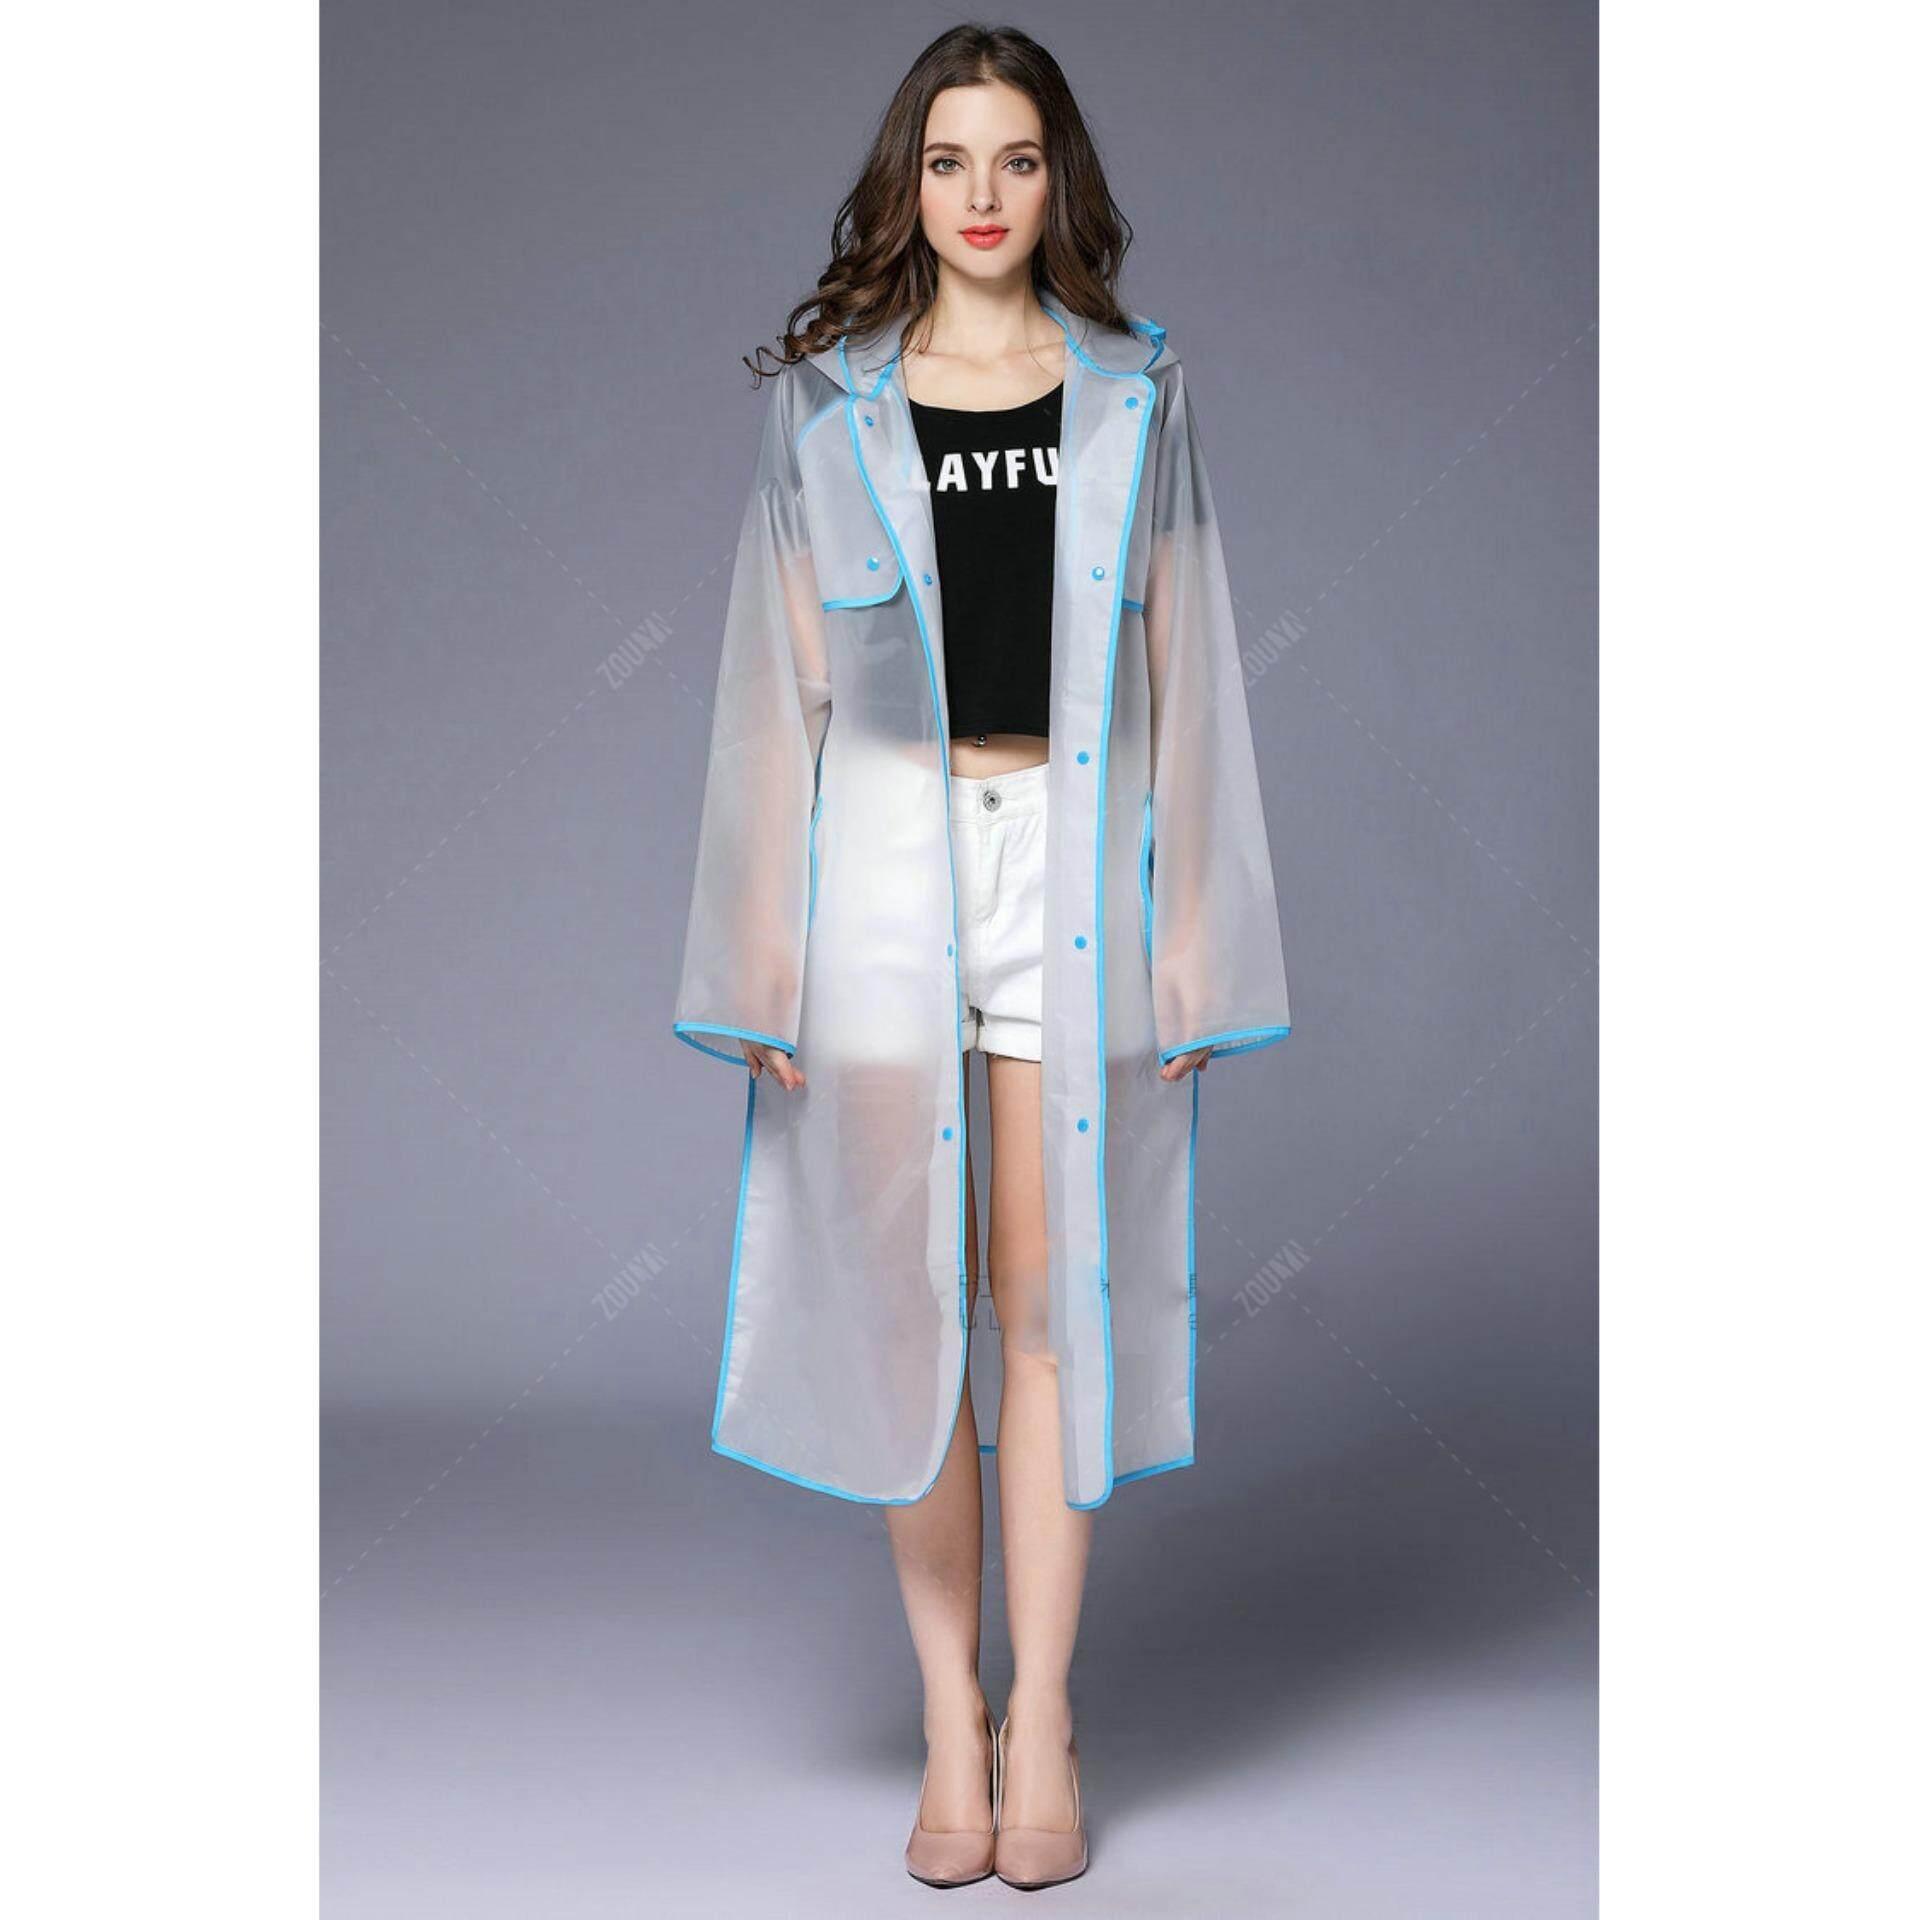 ส่วนลด Zoulyn เสื้อกันฝน แฟชั่น ตัวยาว ขาวขุ่น Fashion Waterproof Rain Coat ชุดกันฝน สไตล์ญี่ปุ่น รุ่น Kdf 0010 สีฟ้า Blue